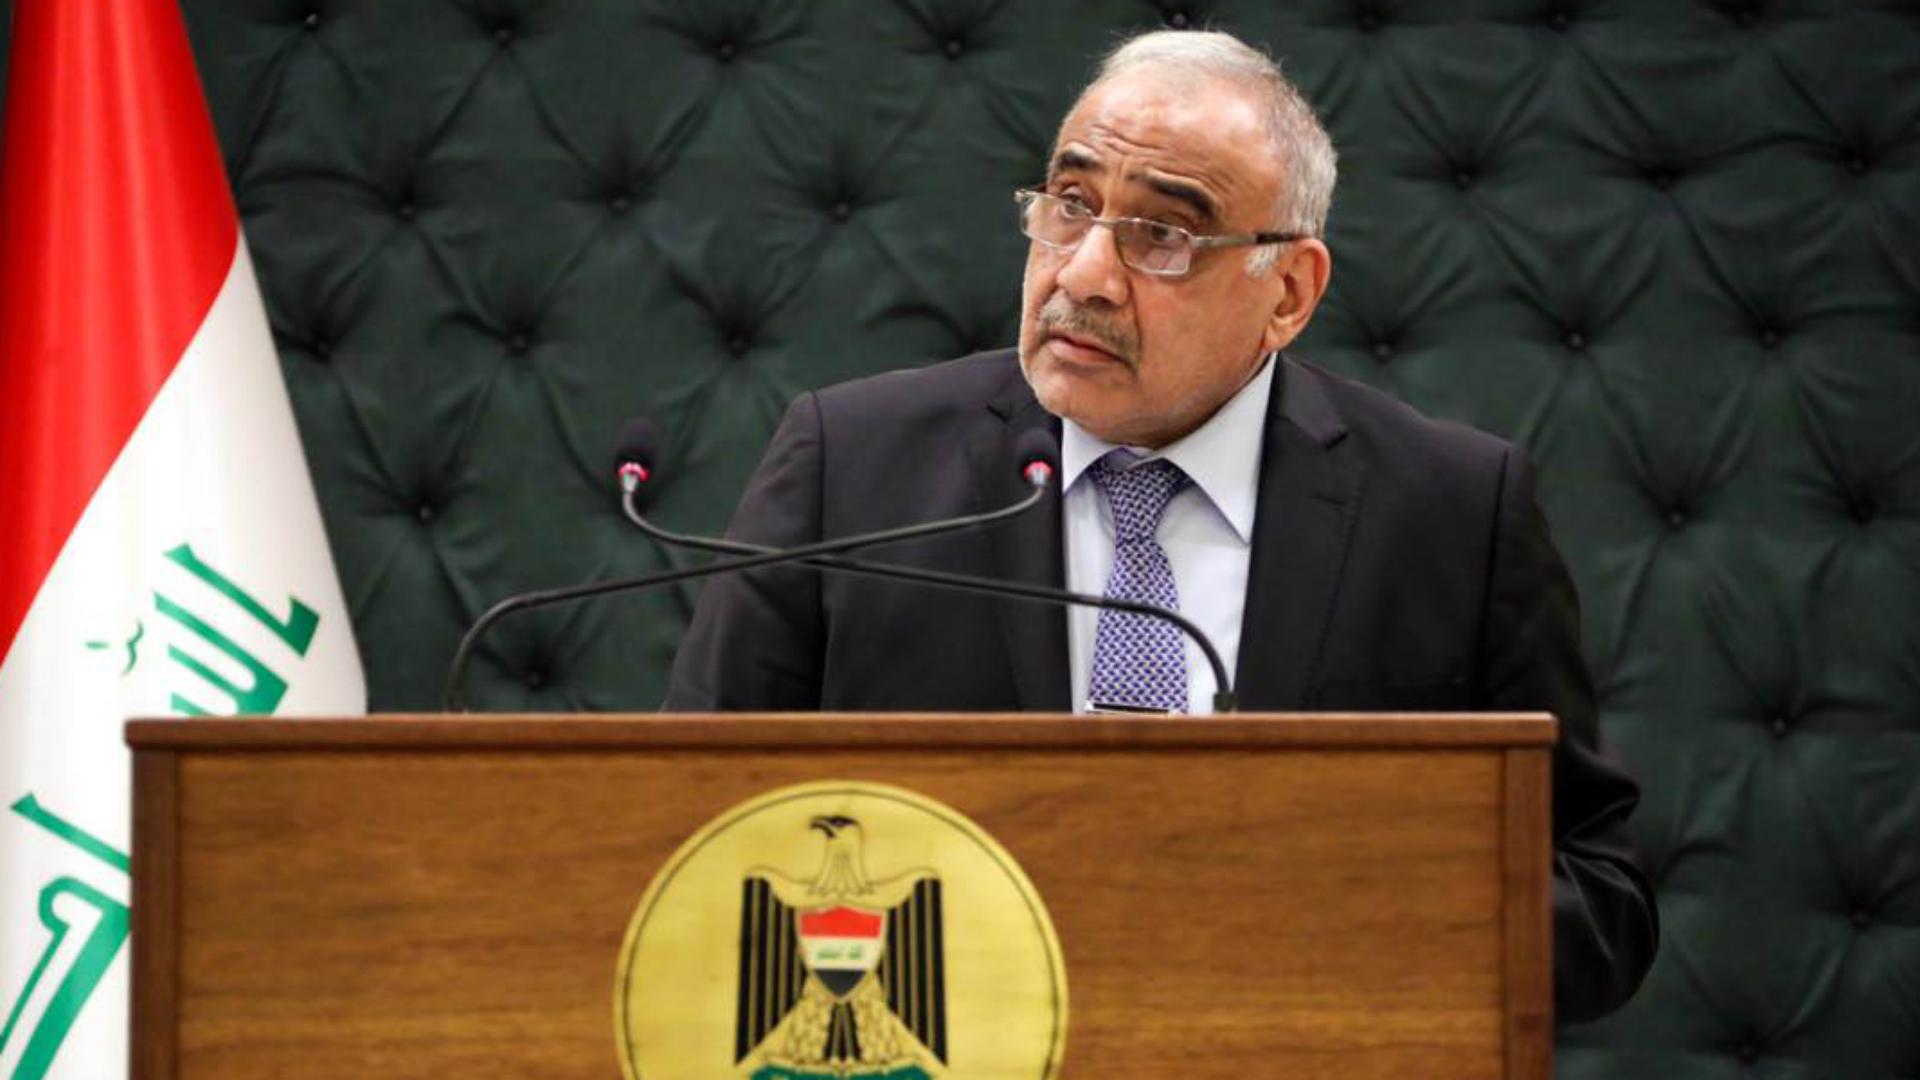 رئيس الوزراء يعلن عن مذكرات إلقاء قبض بحق 11 وزير سابق بتهمة الفساد